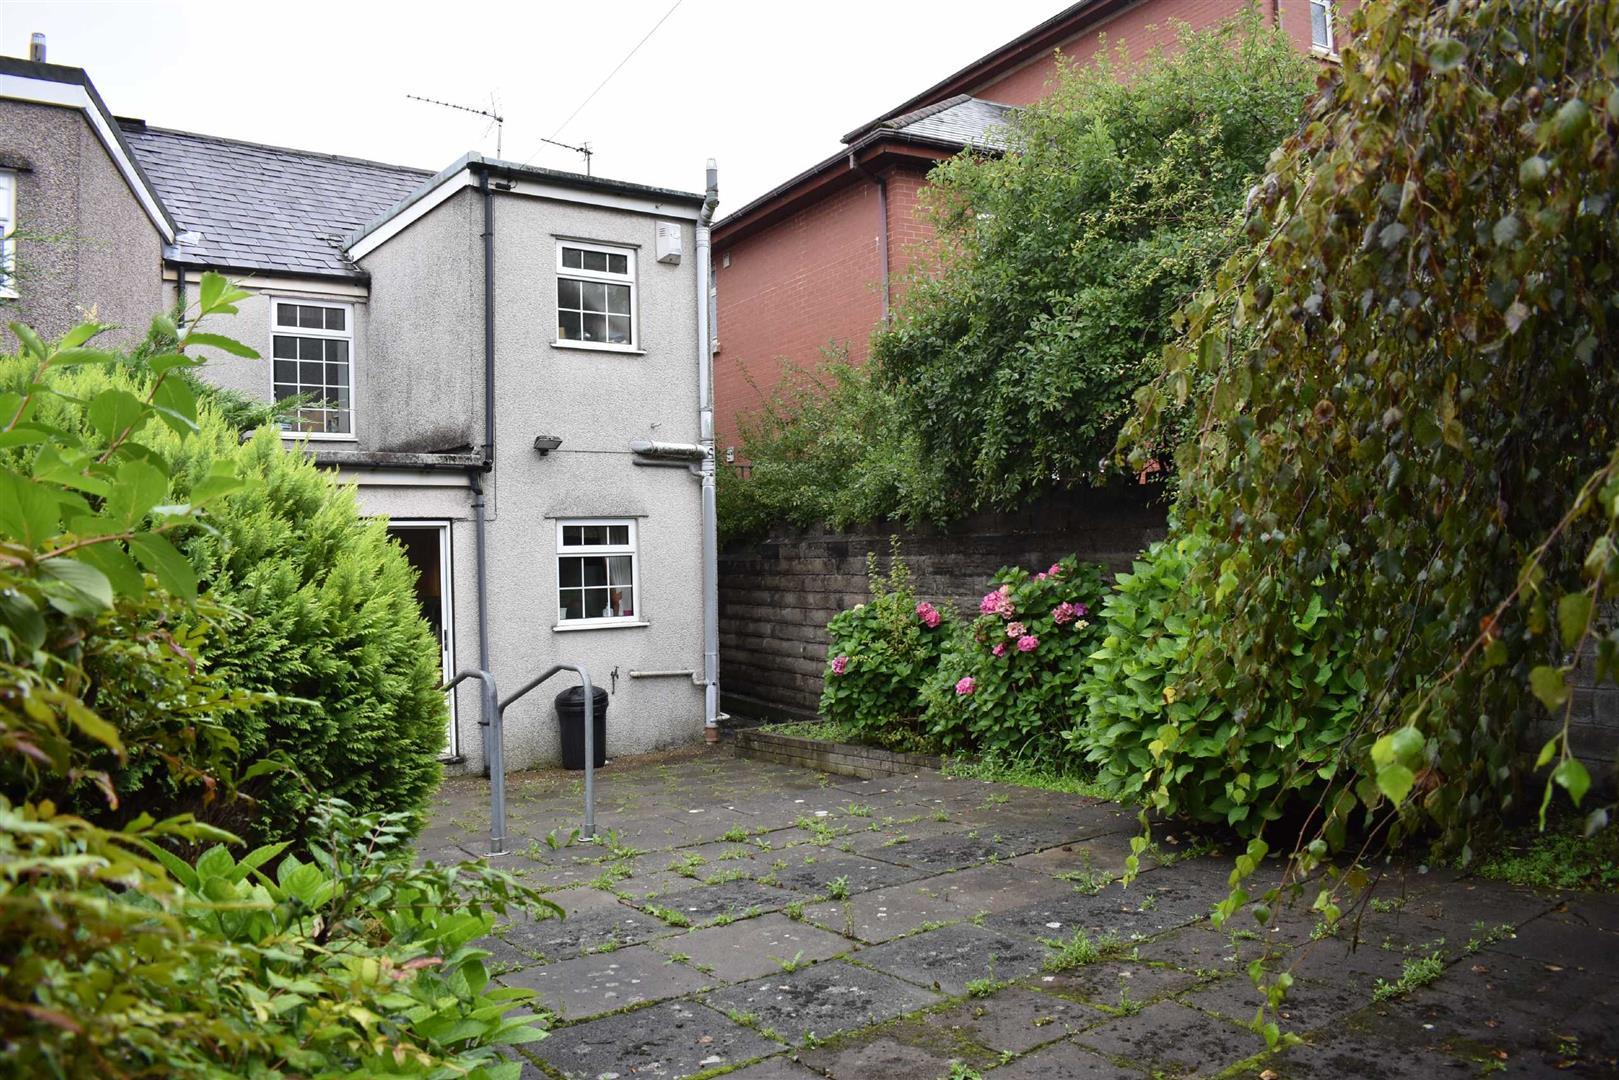 Cory Street, Sketty, Swansea, SA2 9AW